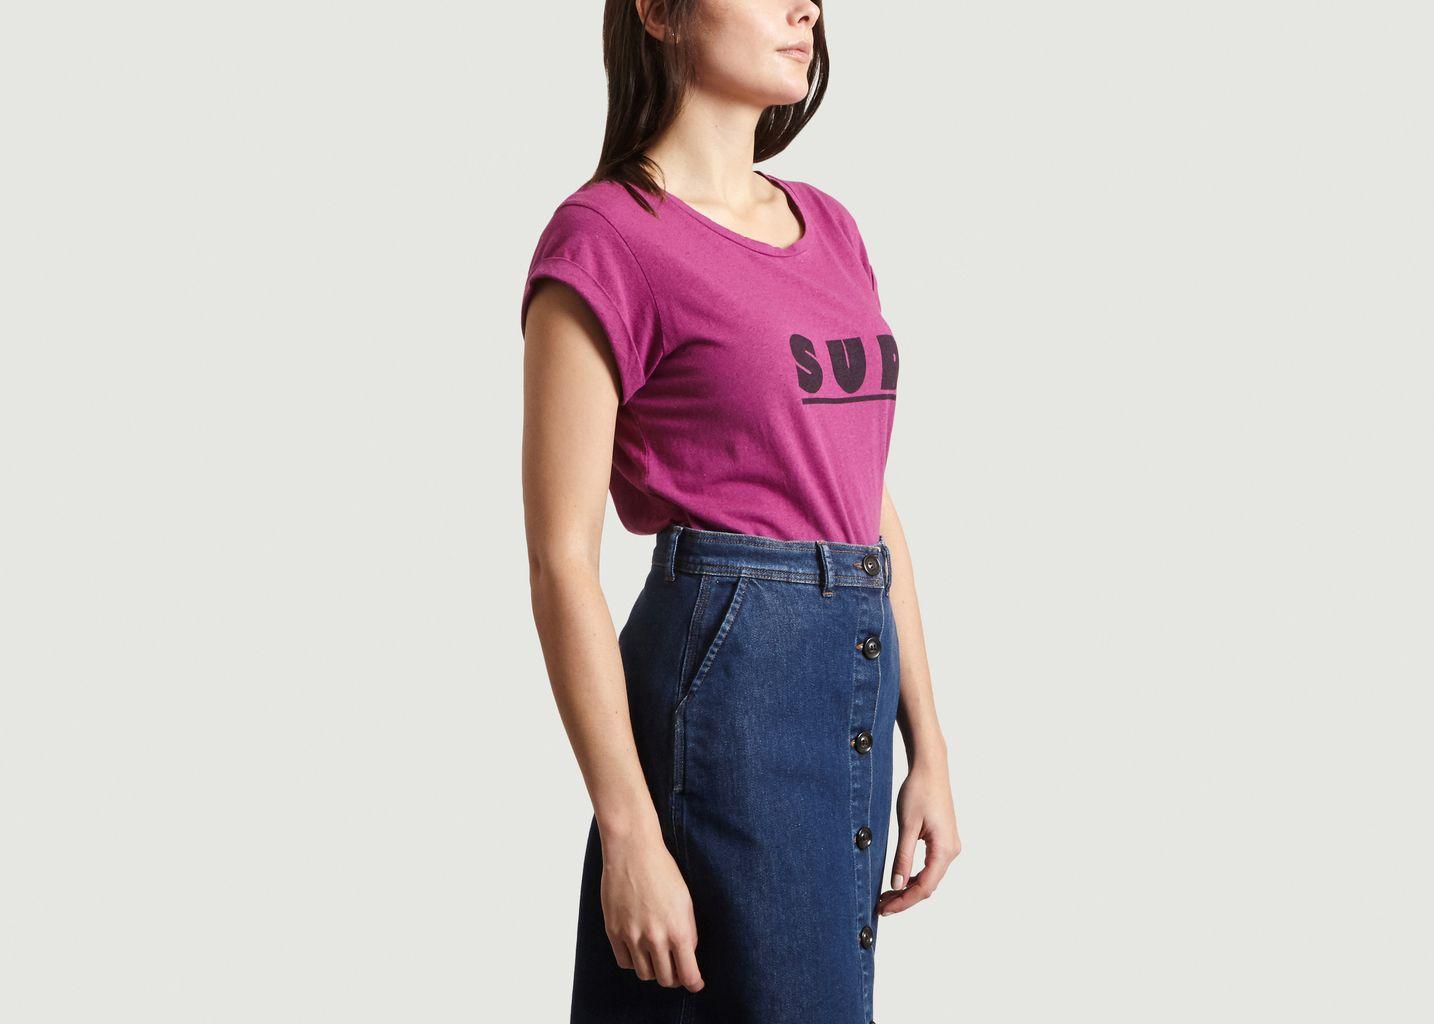 T-Shirt En Coton Et Lin Print Sud Valentin - Soeur